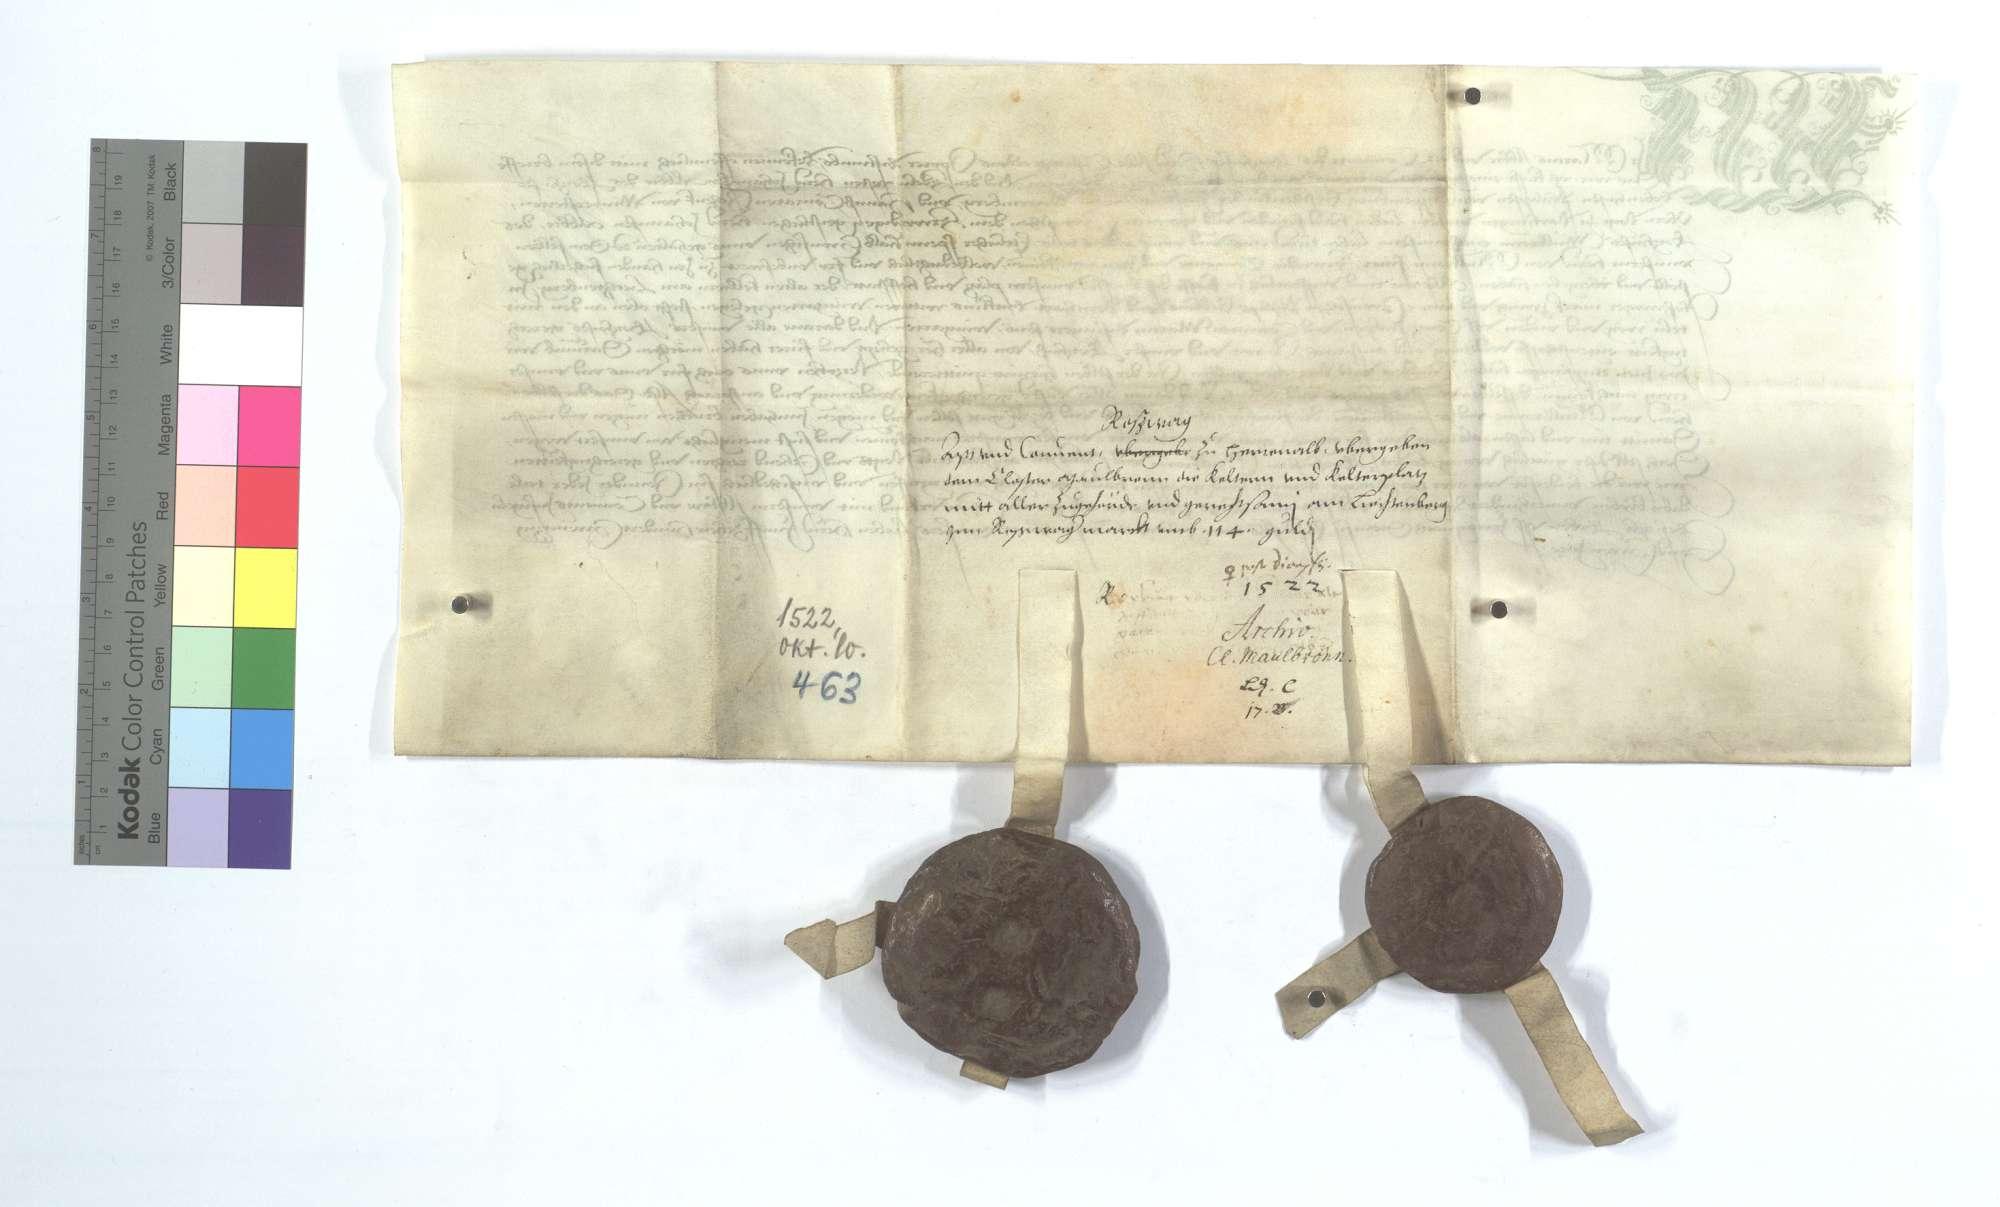 Abt und Konvent von Herrenalb übergeben diese Kelter und Kelterplatz mit ihrer Gerechtsame für 114 Gulden., Rückseite